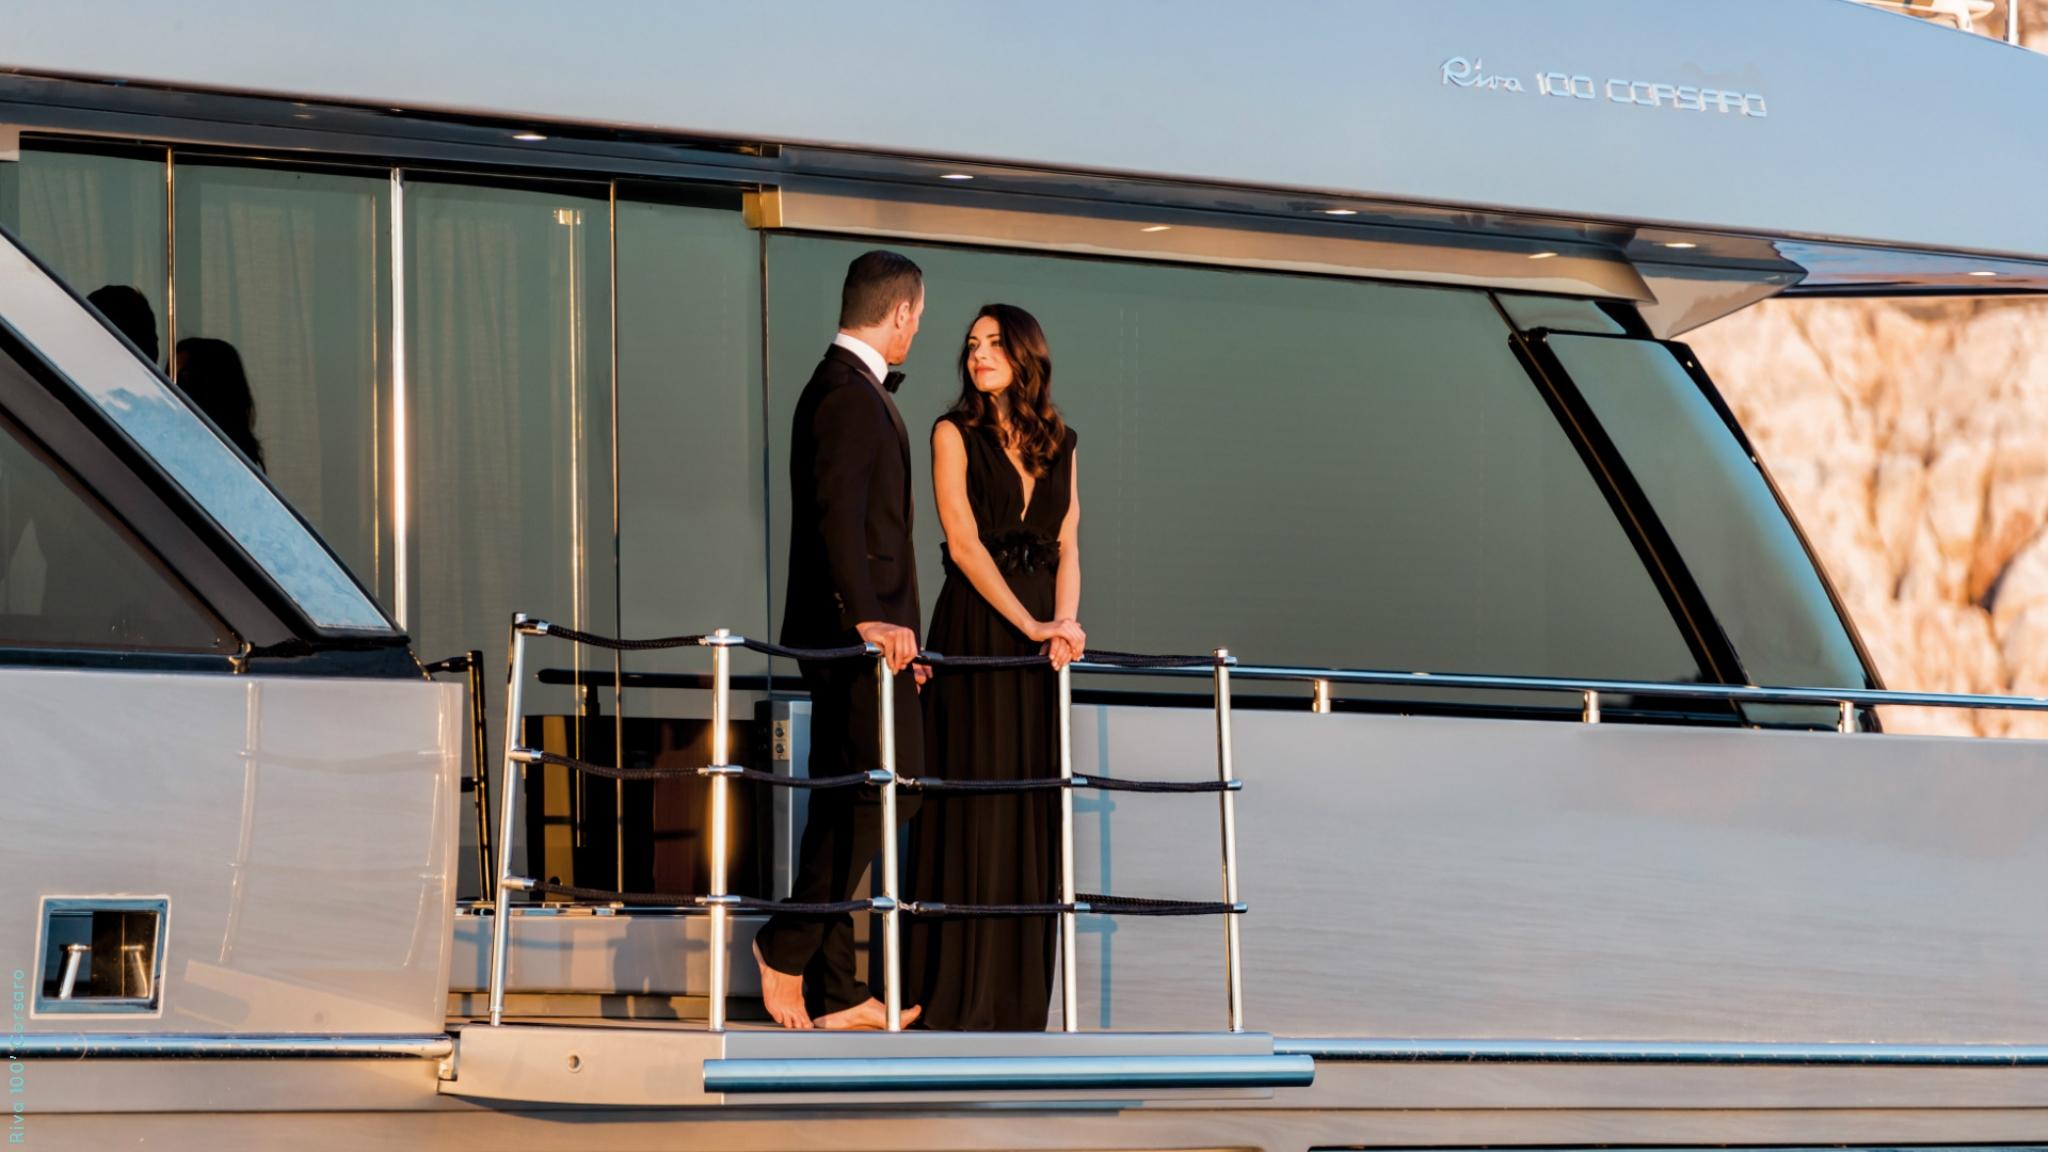 Riva 100 Corsaro yacht - couple on board - lifestyle @ RIVA